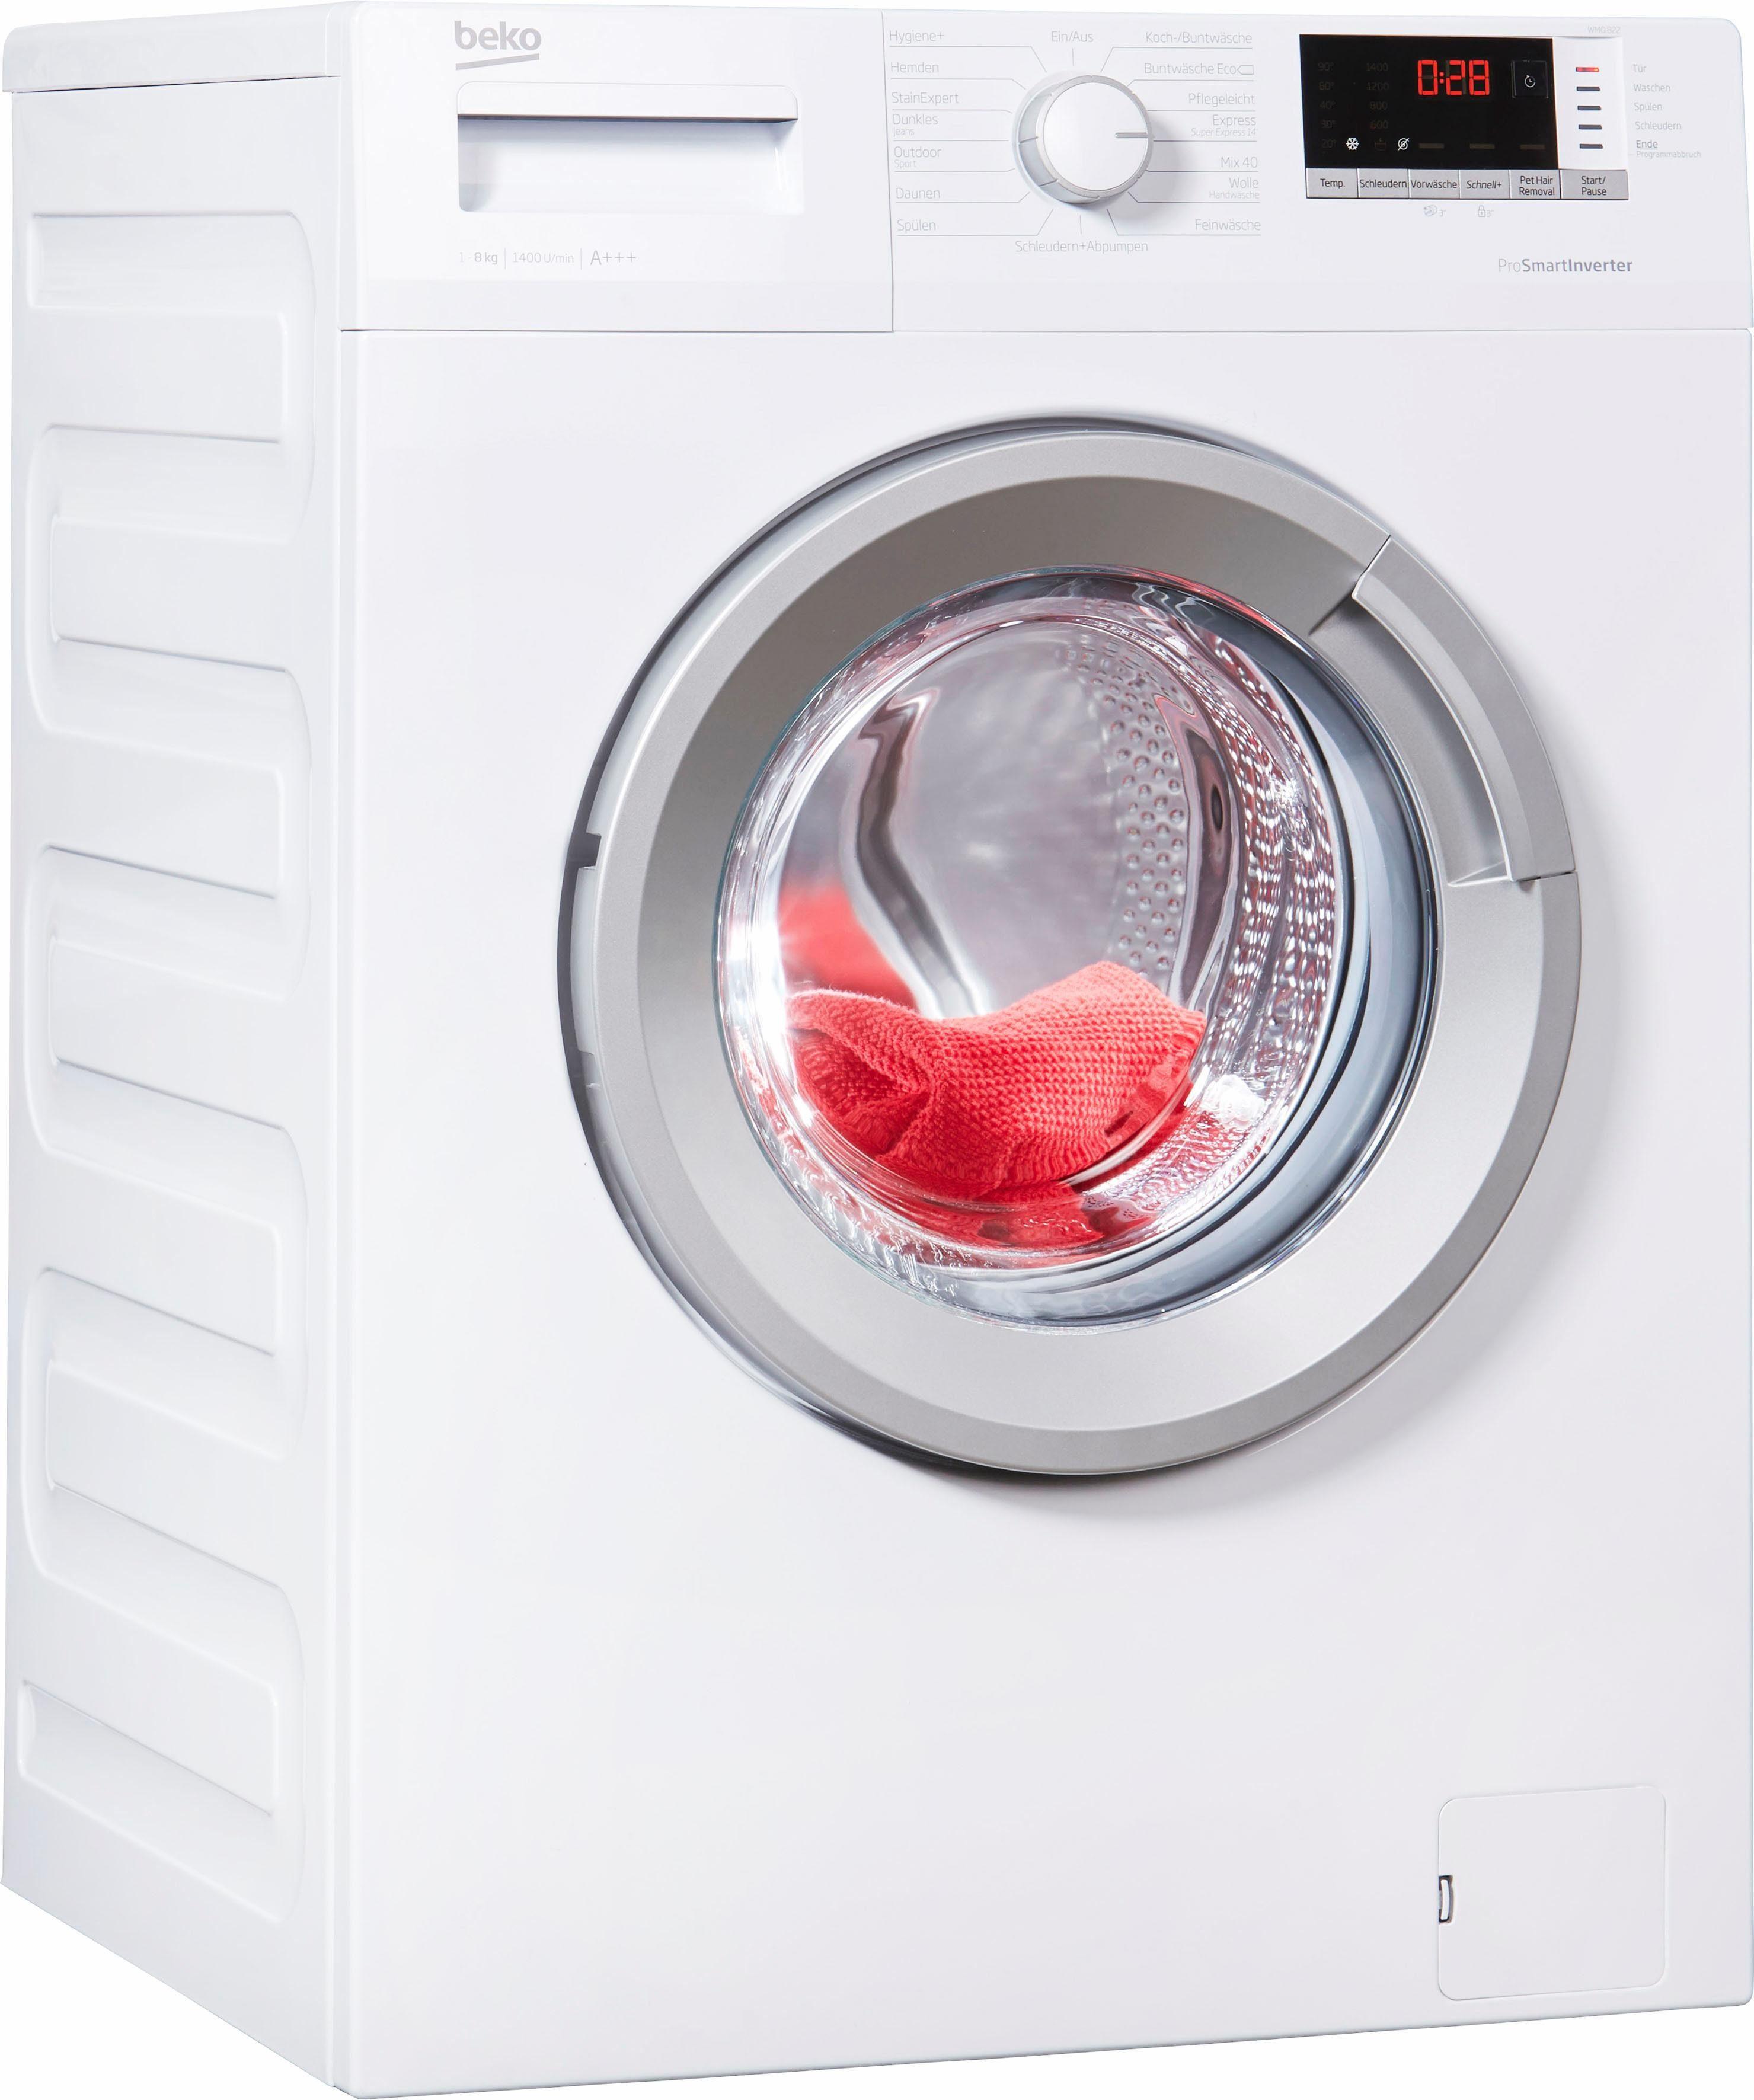 BEKO Waschmaschine WMO 822, A+++, 8 kg, 1400 U/Min